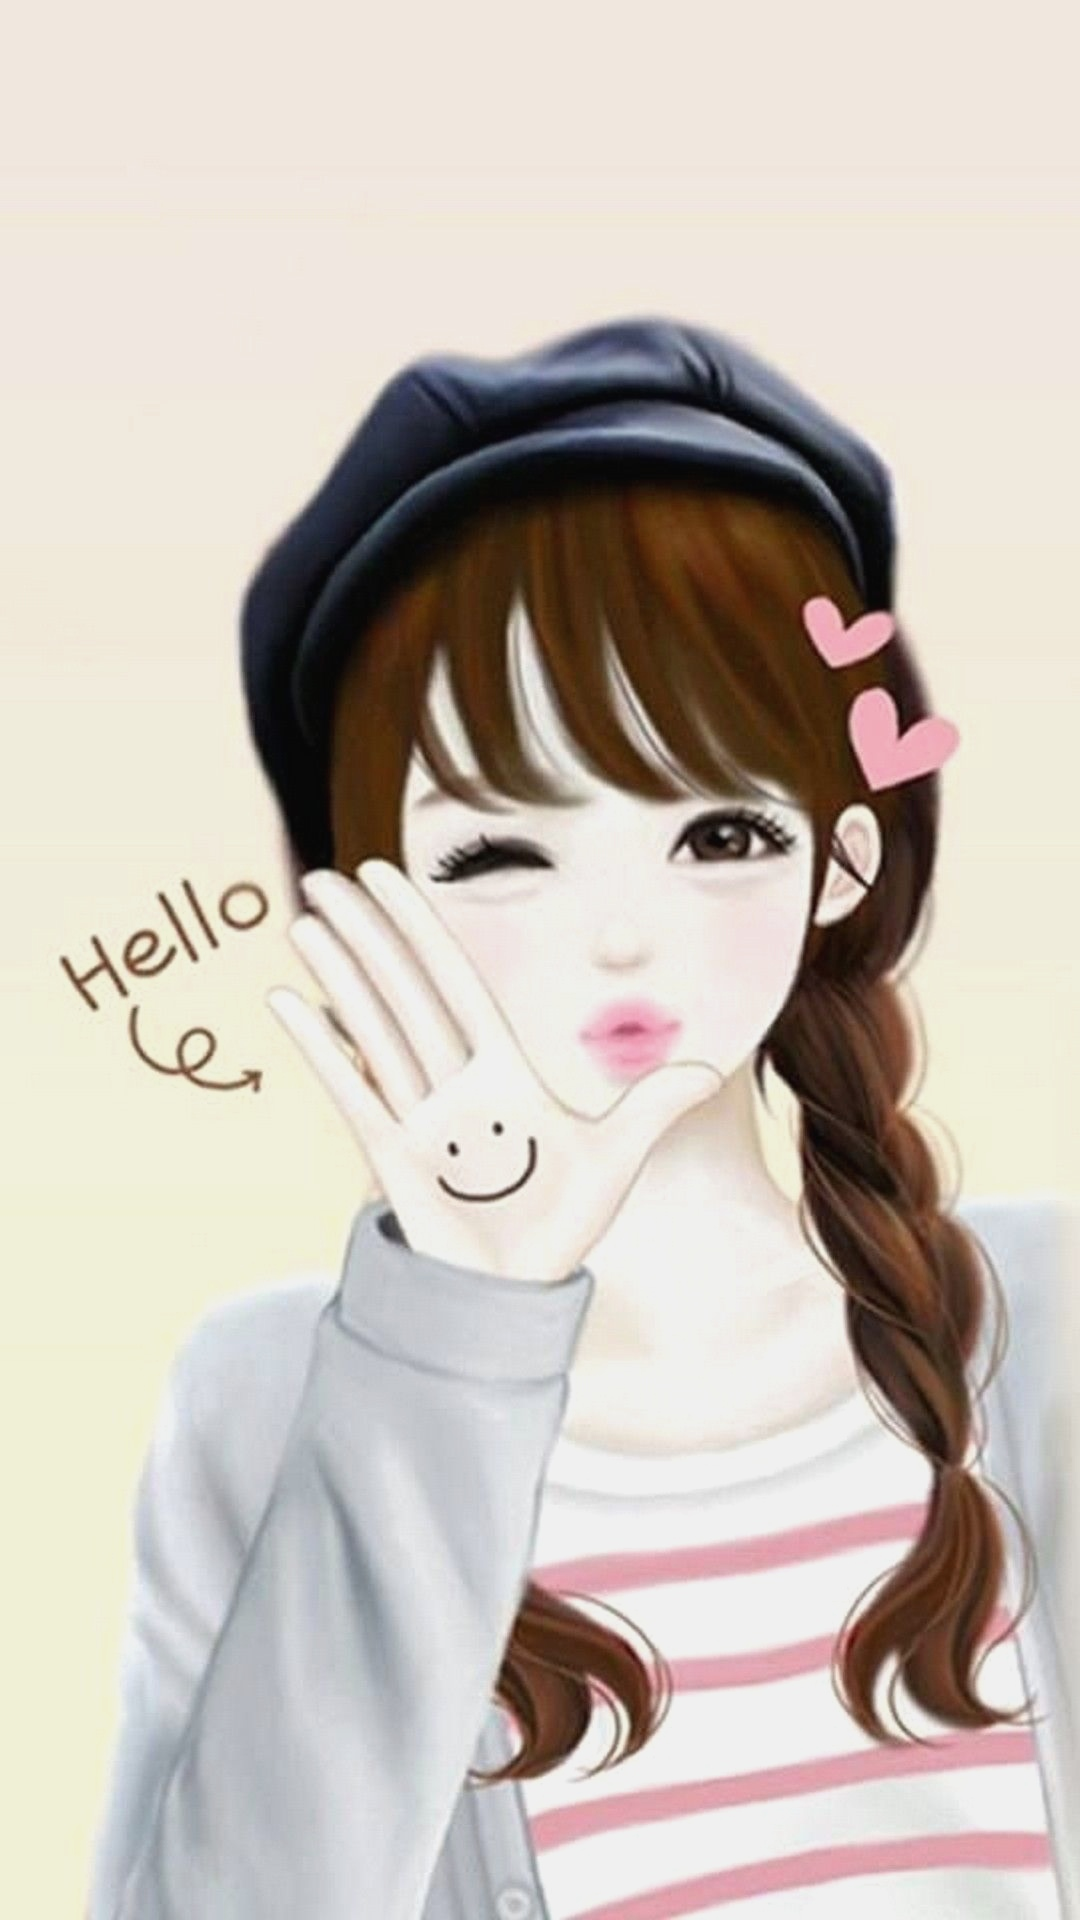 Ảnh anime Hàn đẹp cô gái xinh xắn Hello